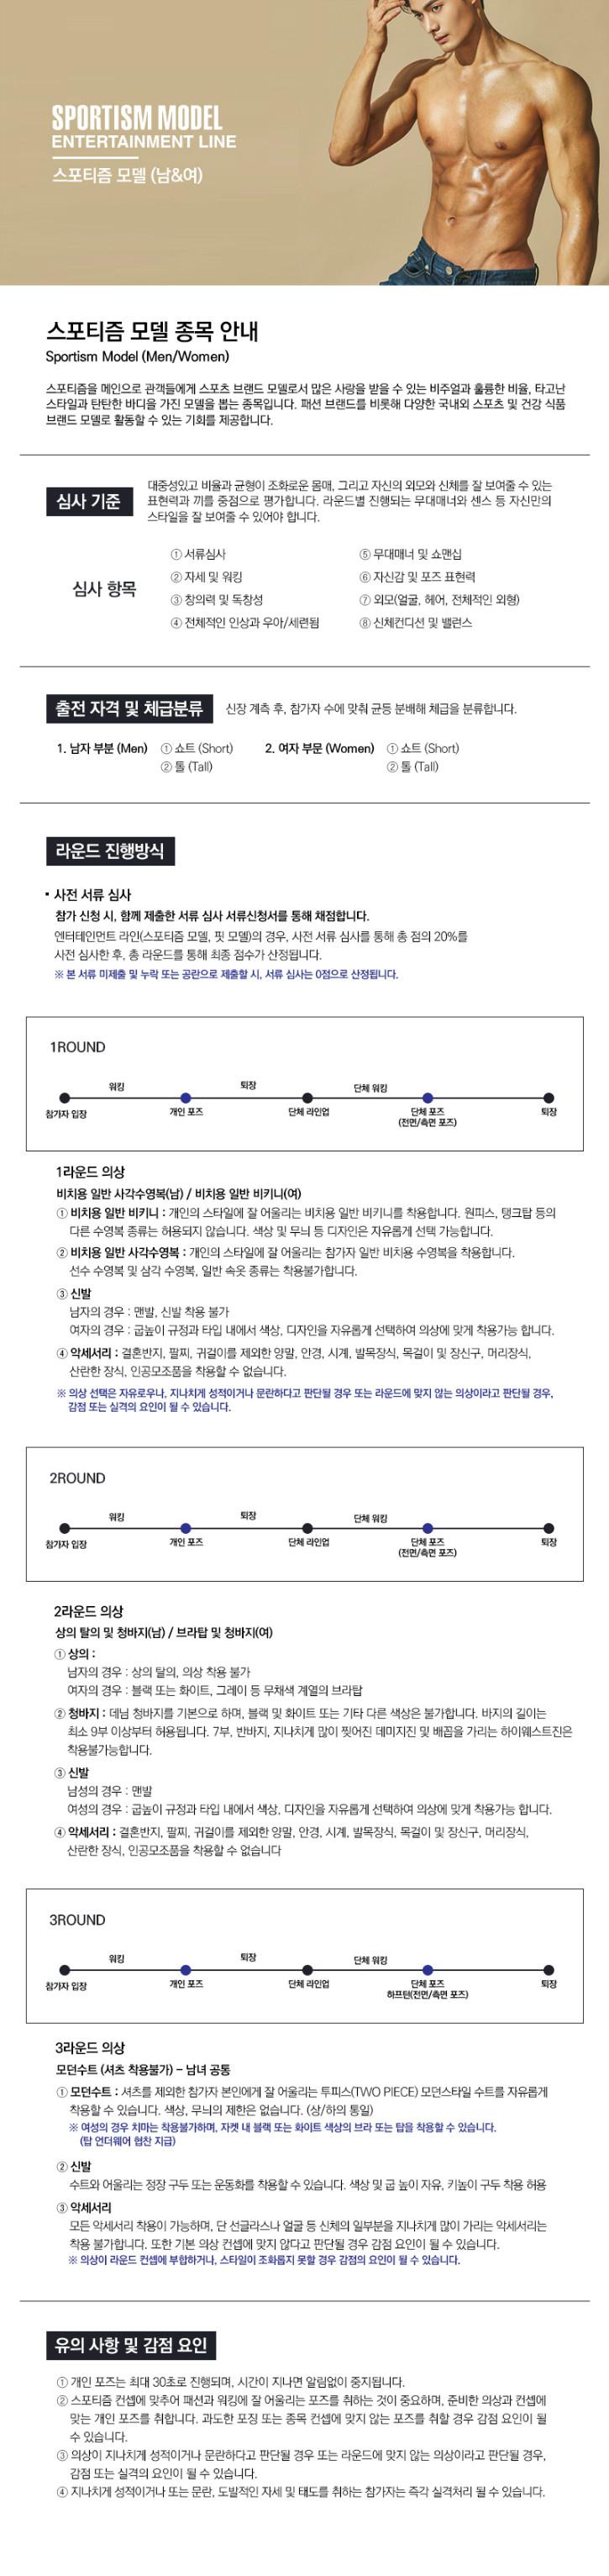 피트니스대회_홍보이미지_NEW_종목별 설명_0001s_0001_sportism model.jpg